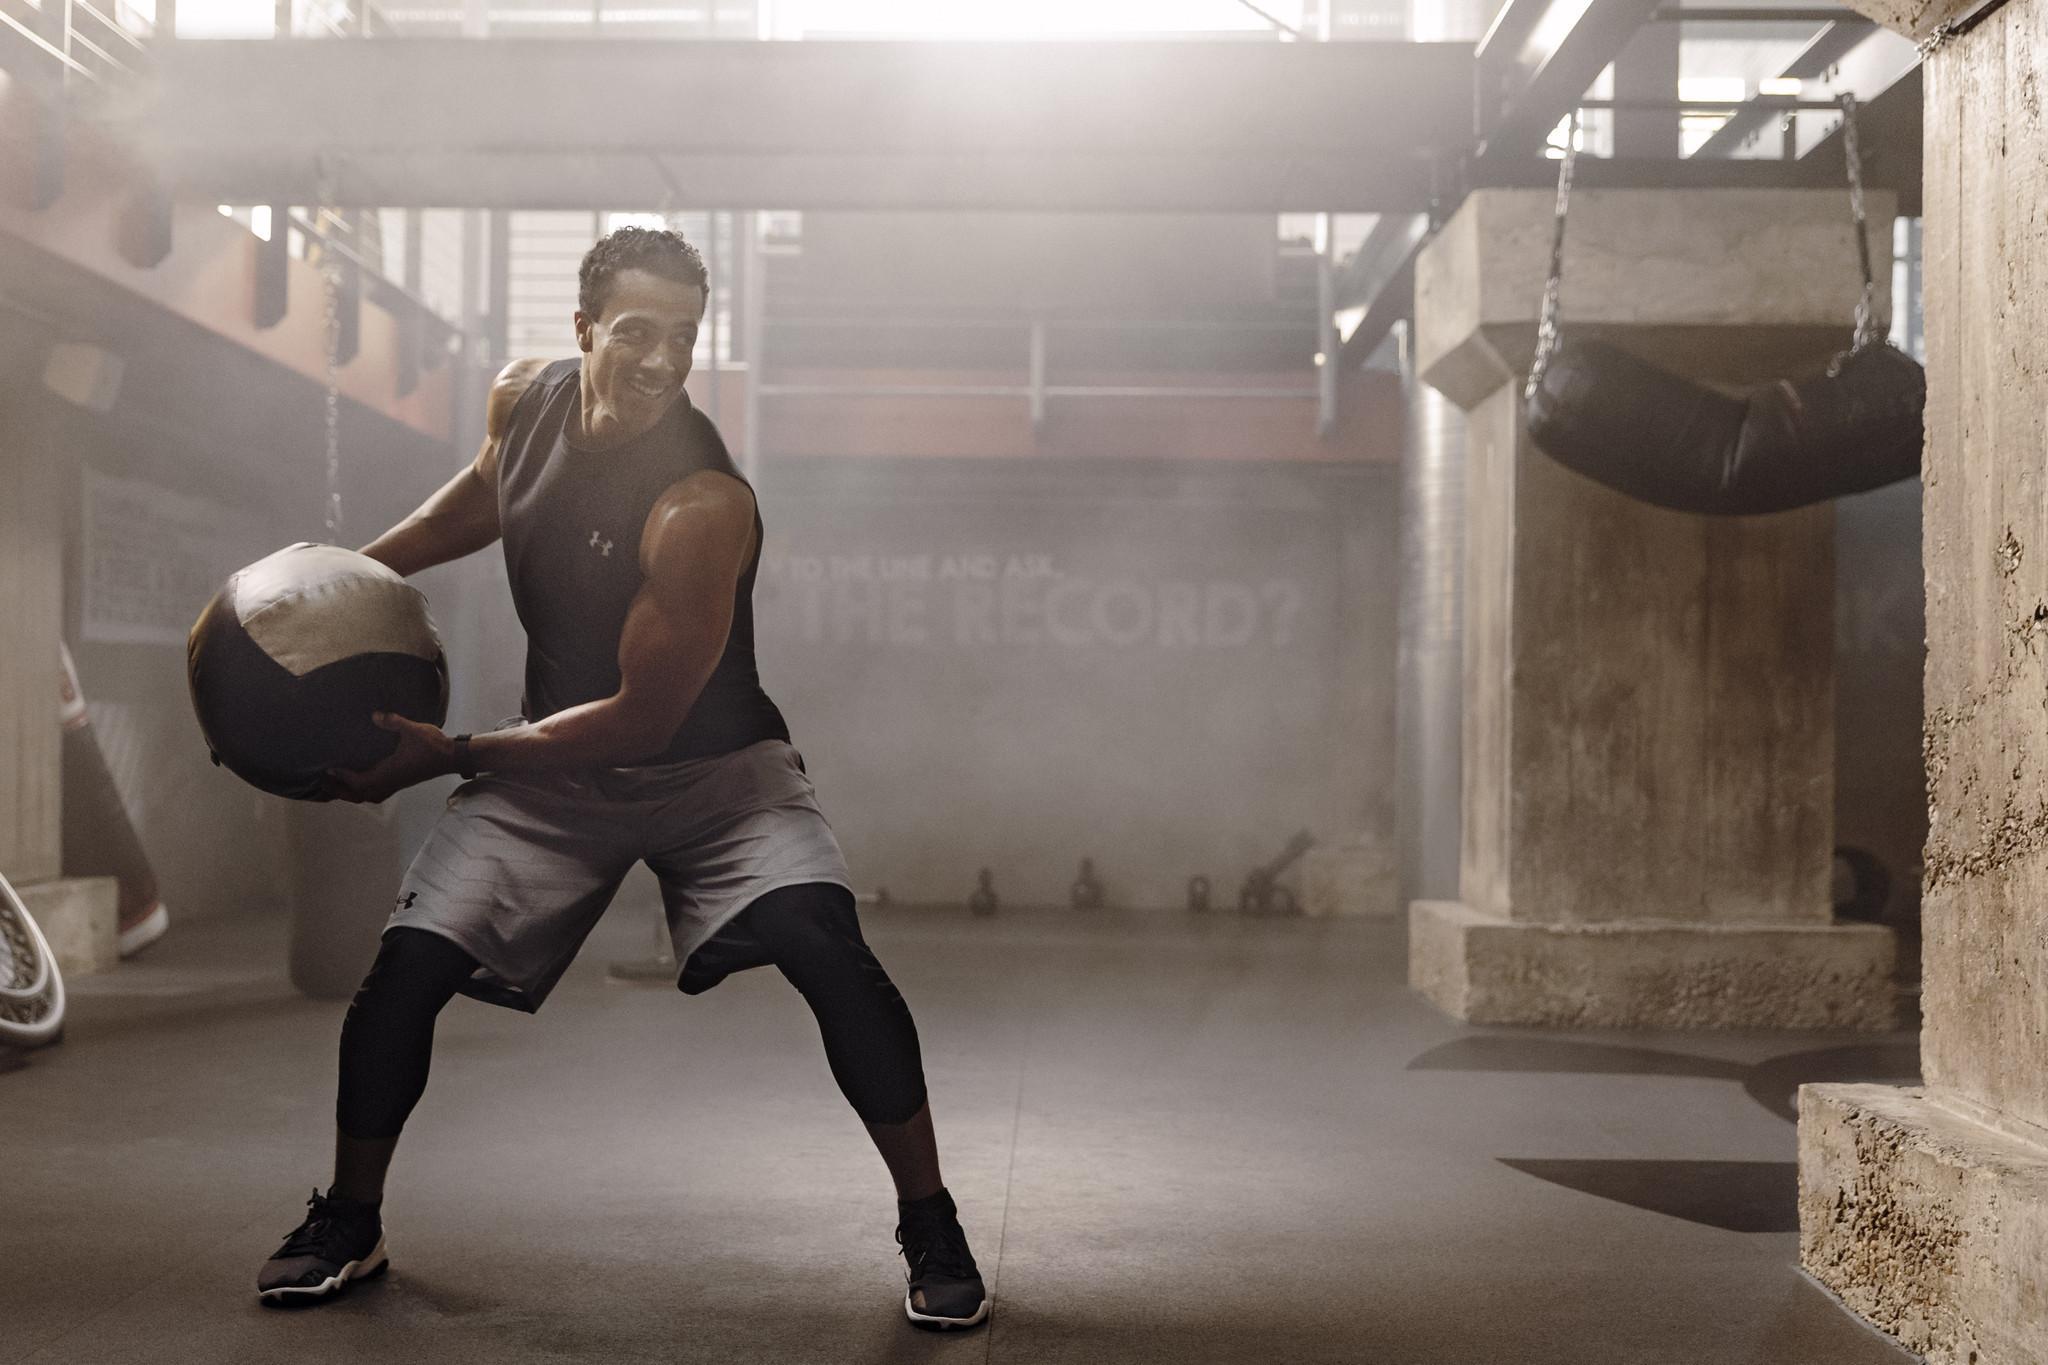 Under Armour Raises The Bar On Digital Fitness